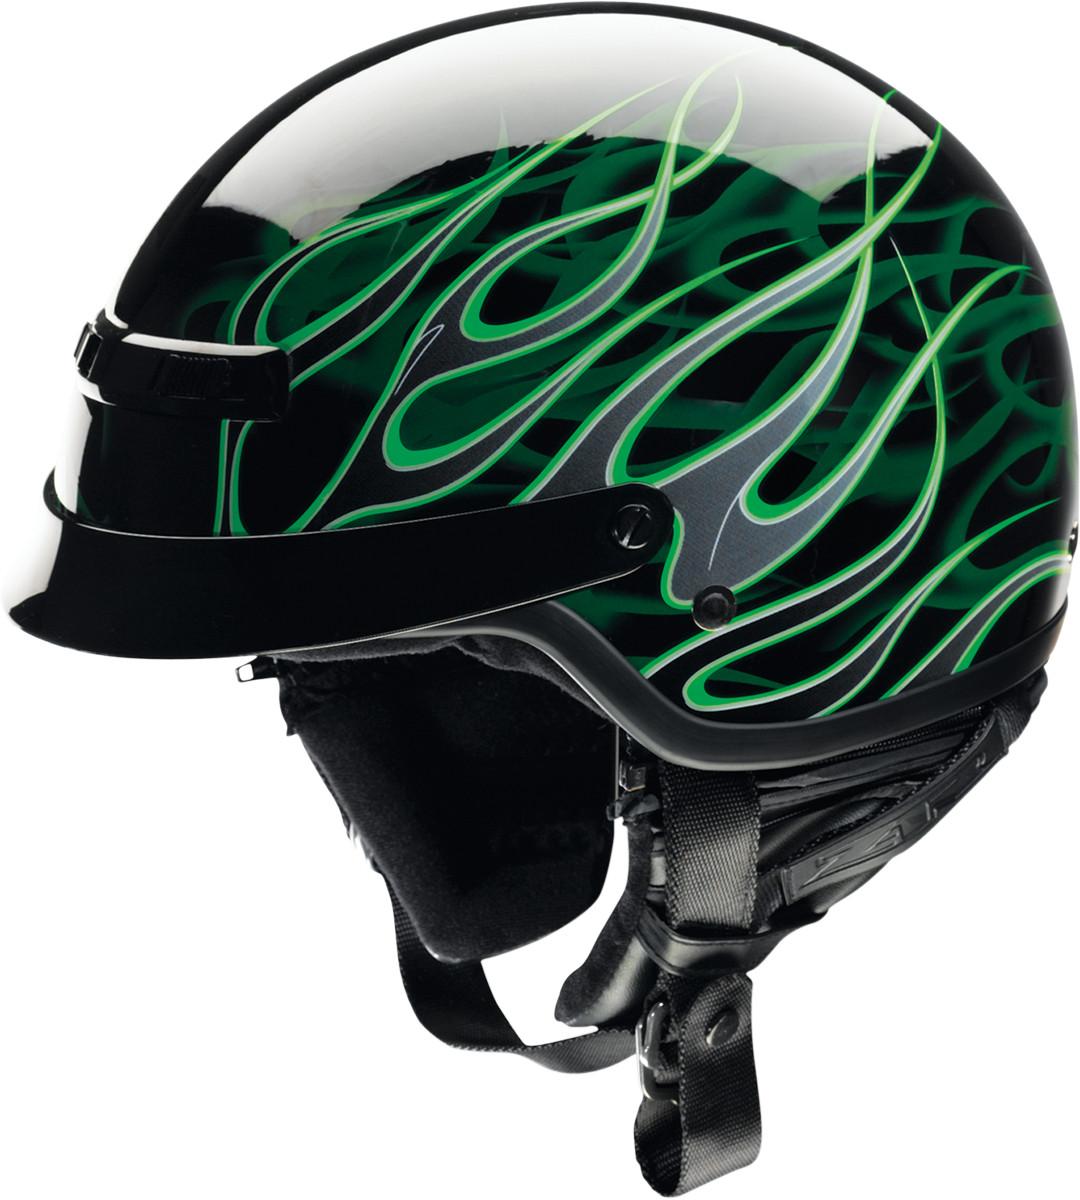 Z1r Nomad Hellfire Half Helmet Black Green